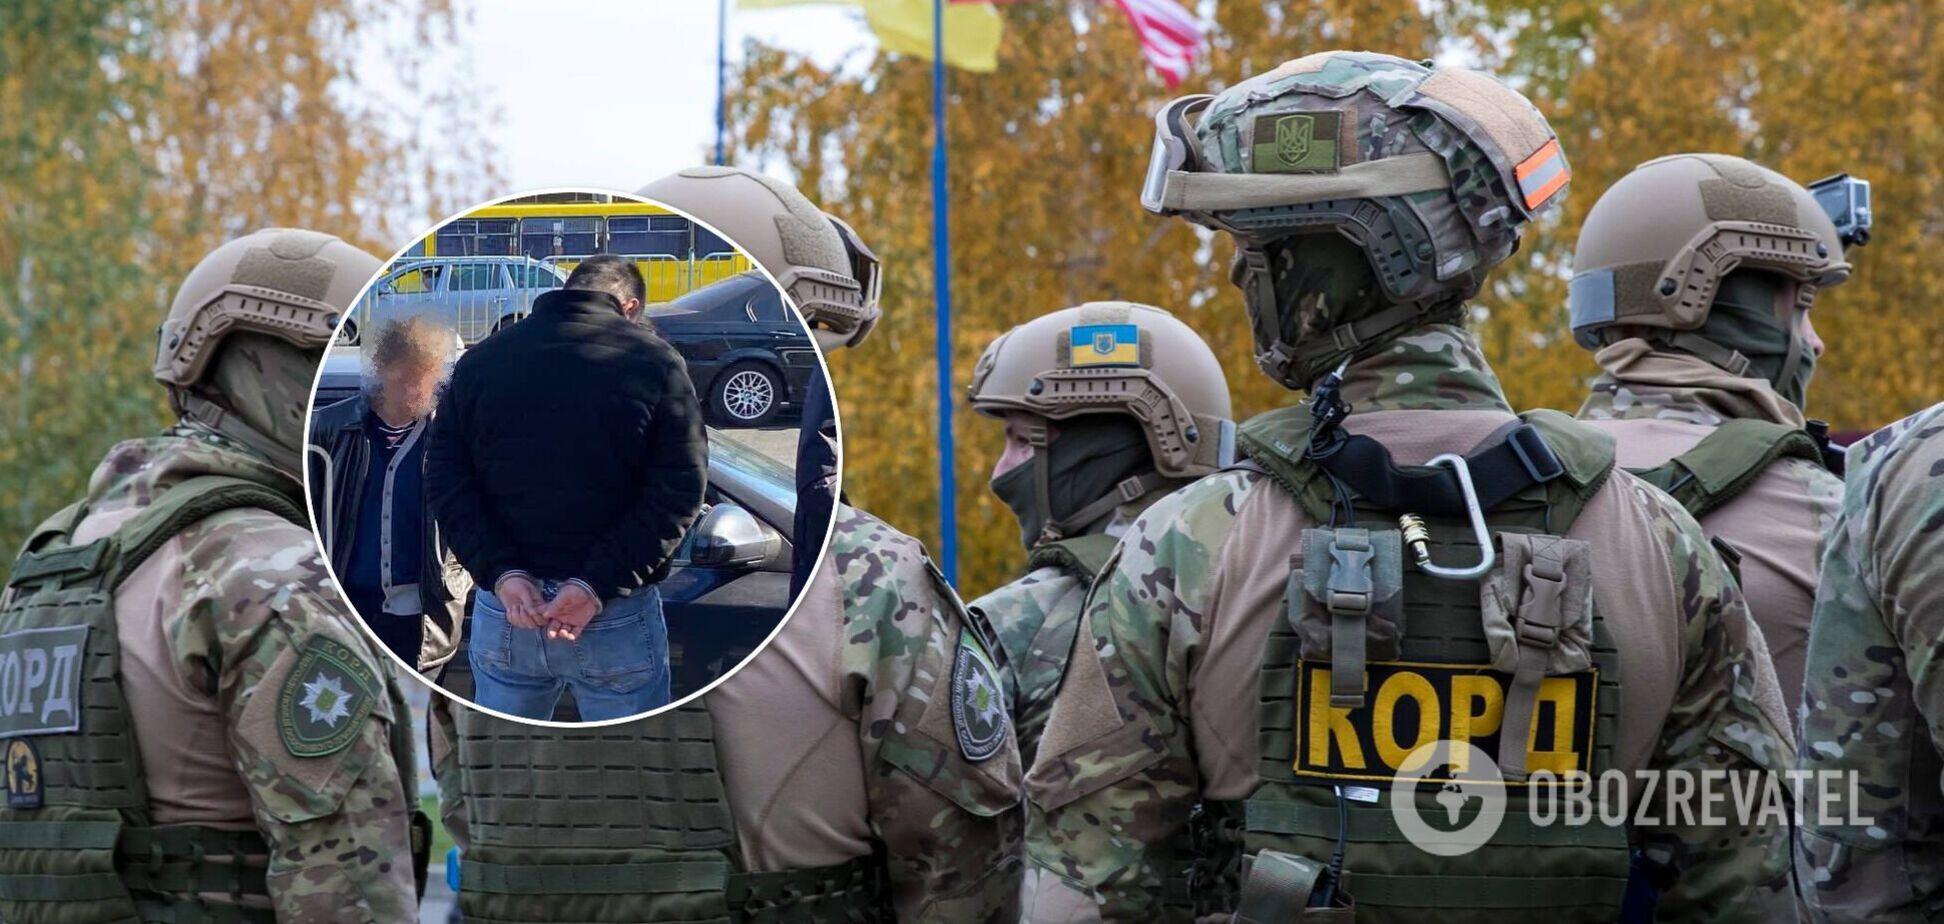 Злоумышленники 'работали' на территории Киева и области